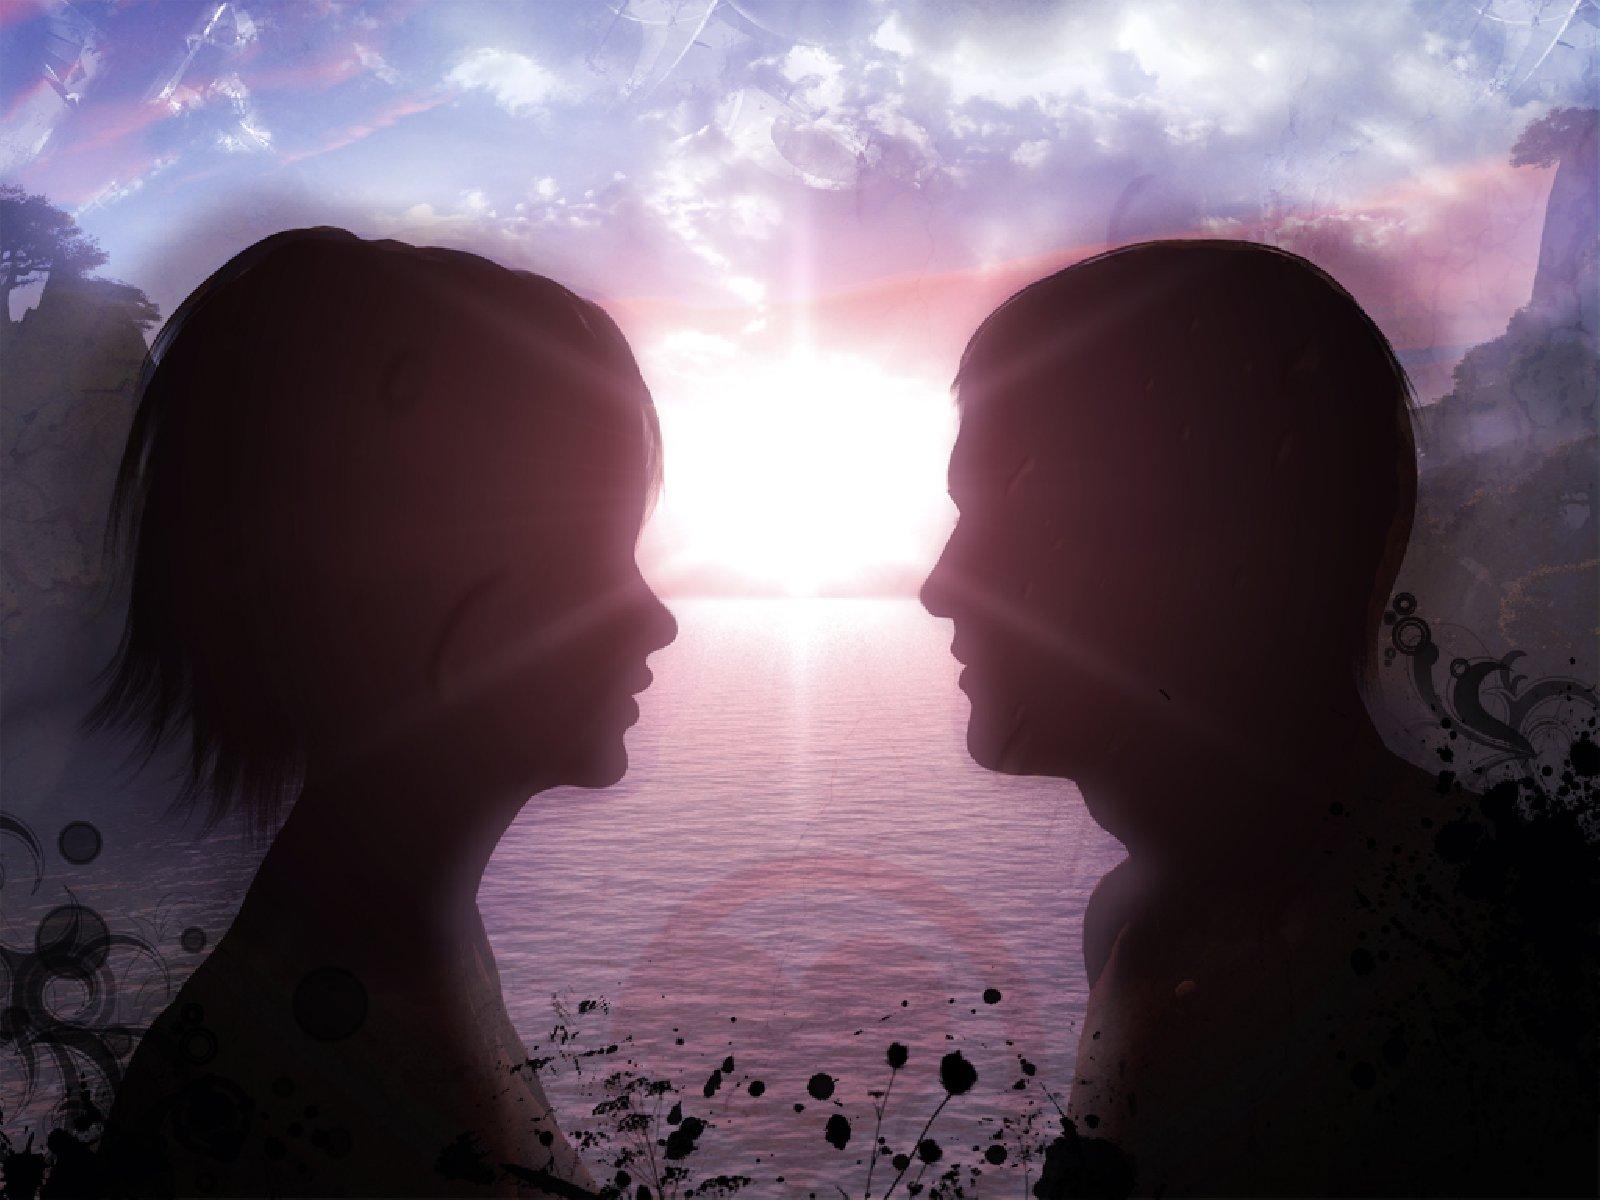 Любимые, не говорите никогда, Что вы устали от любви друг к другу, Что